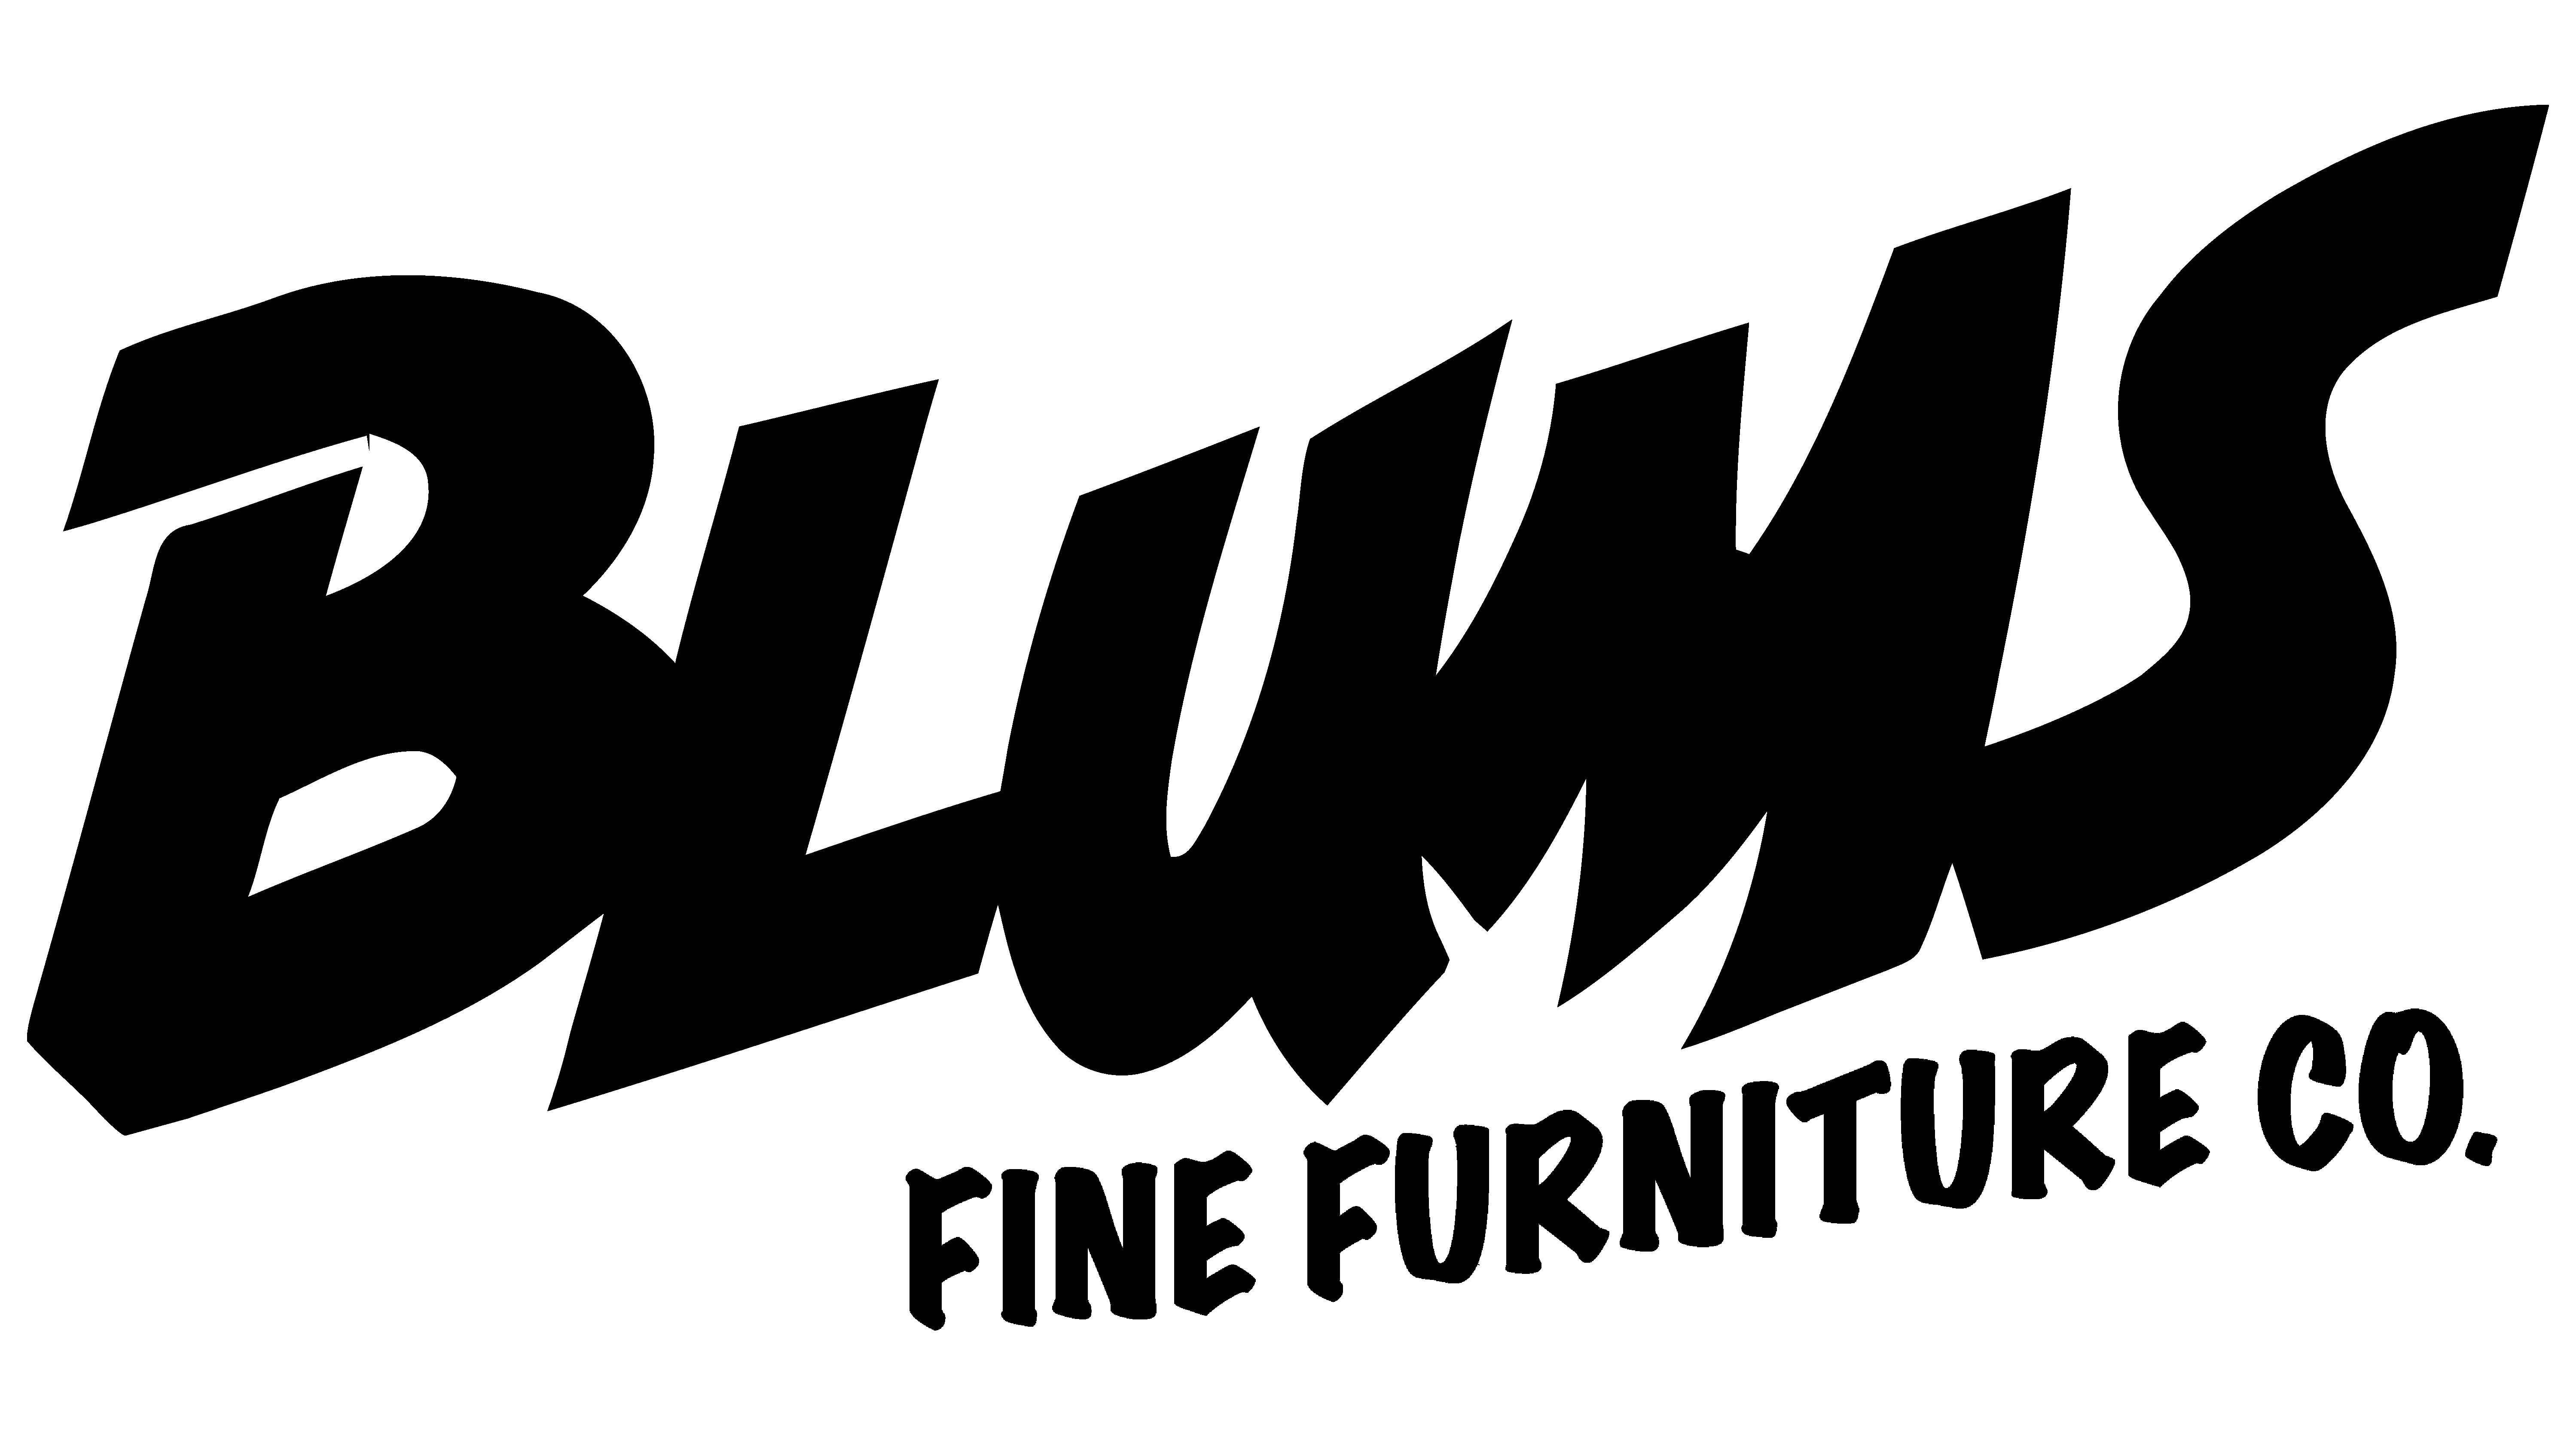 Blum's Fine Furniture Co.